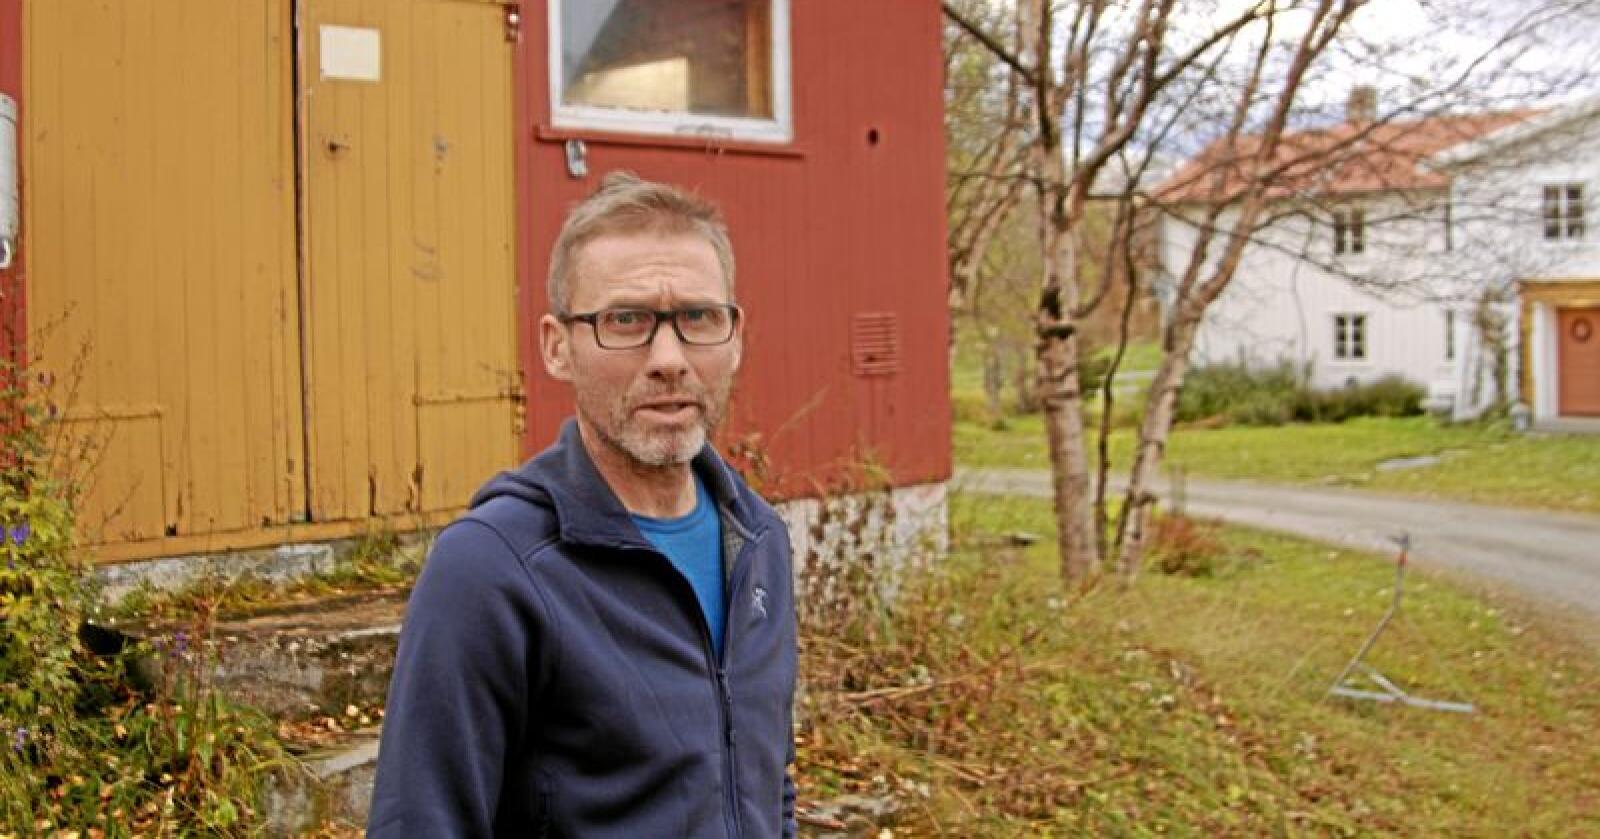 Leder for det interkommunale fellingslaget i Nord-Østerdalen, Jo Esten Trøan, fikk en hektisk sommer i fjor, da ulveangrep førte til at nærmere 1000 sau og lam ble revet av ulv i området. Foto: Svein Egil Hatlevik